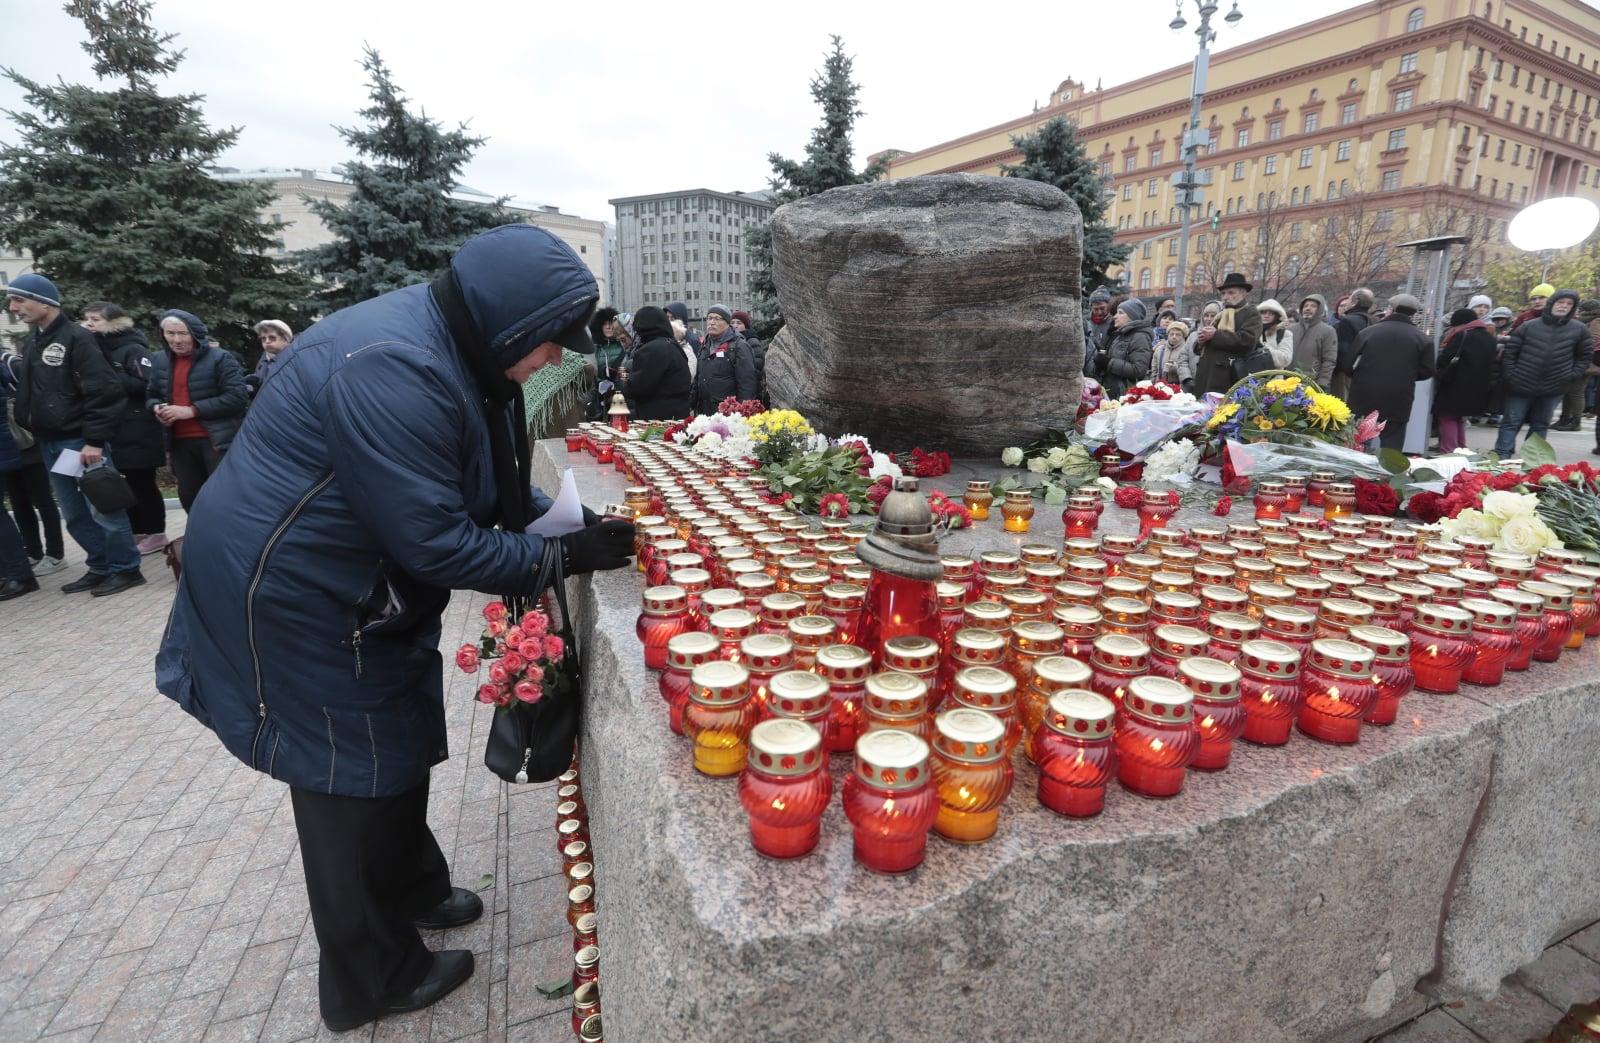 Dzień wspominania ofiar represji stalinowskiego reżimu w Rosji. Fot. PAP/EPA/SERGEI CHIRIKOV